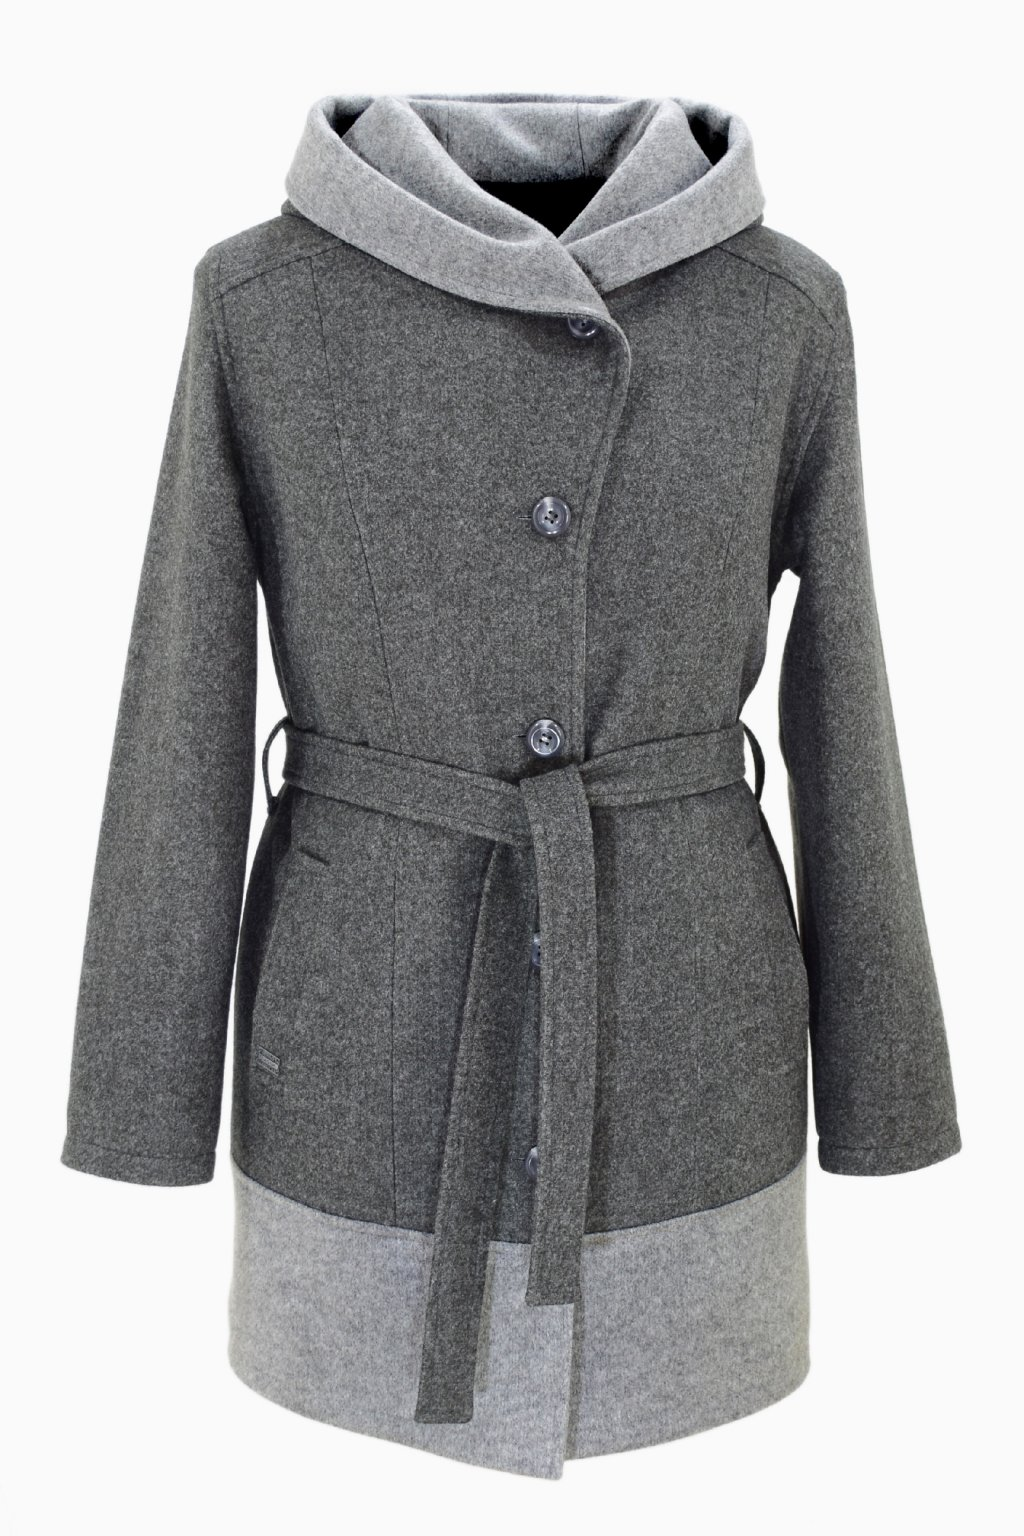 Dámský tmavě šedý zimní kabát Mája